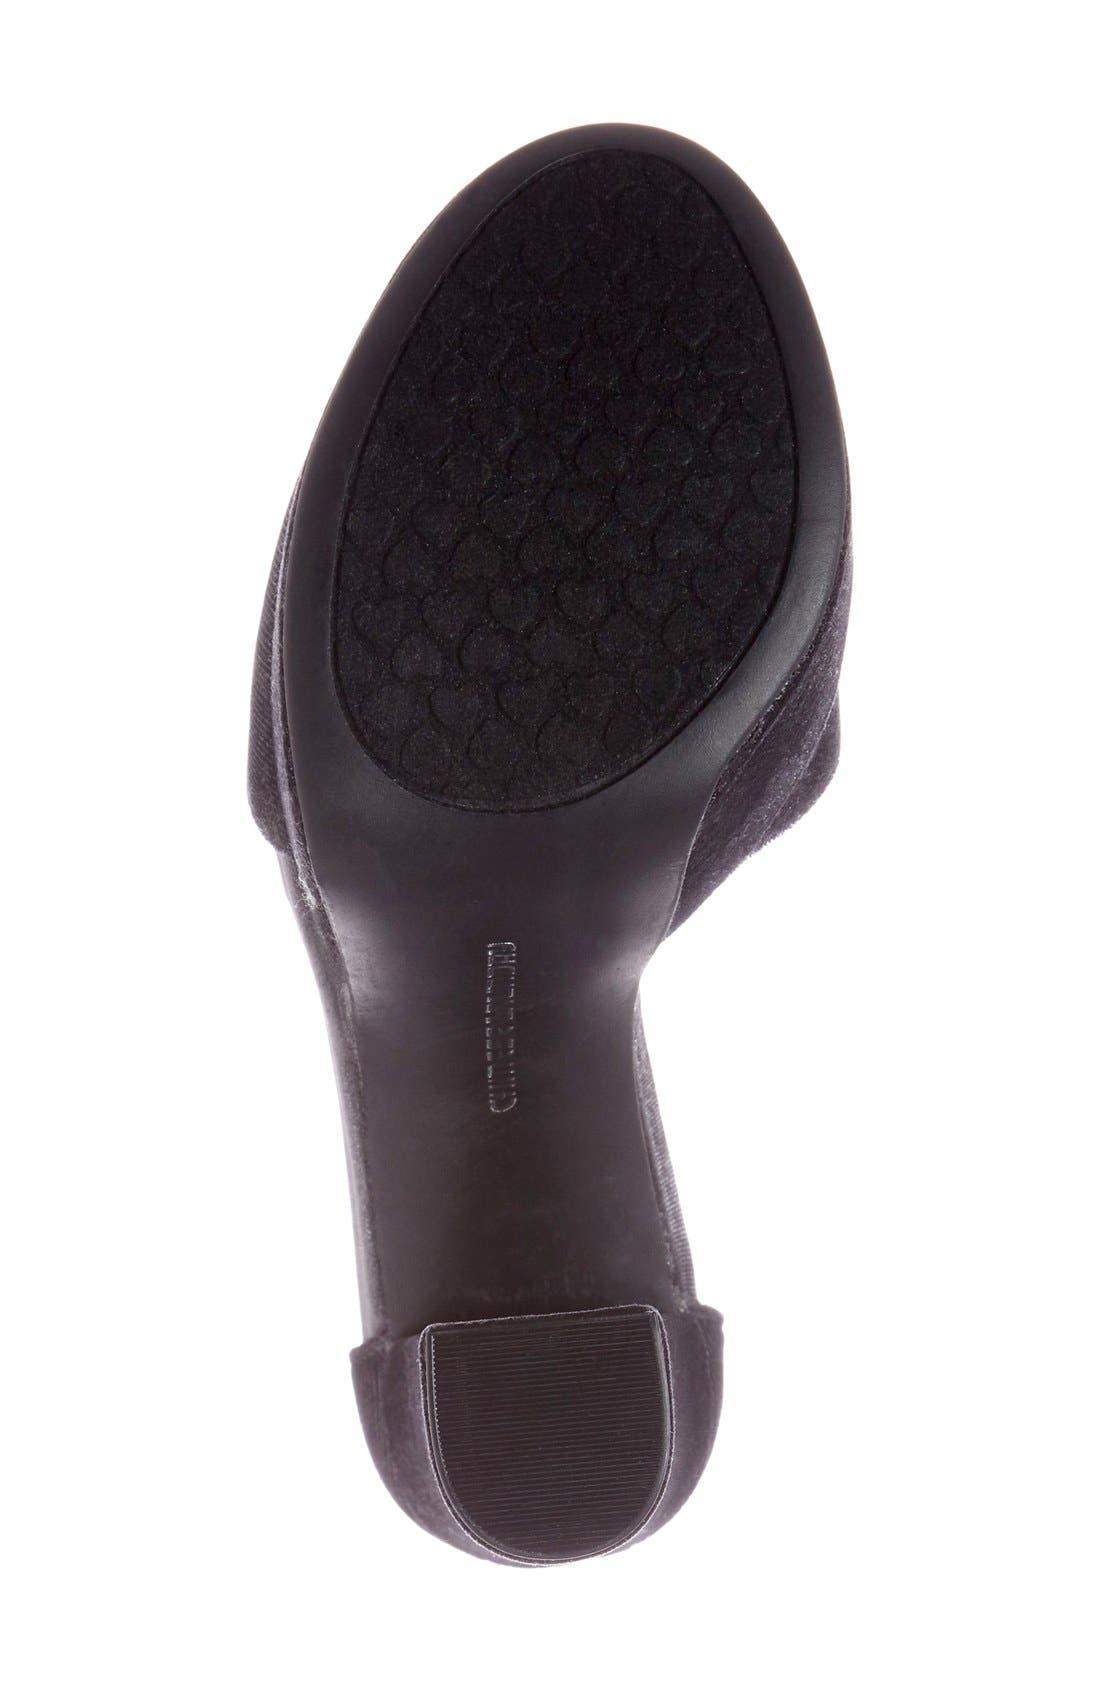 Ace Platform Sandal,                             Alternate thumbnail 6, color,                             035